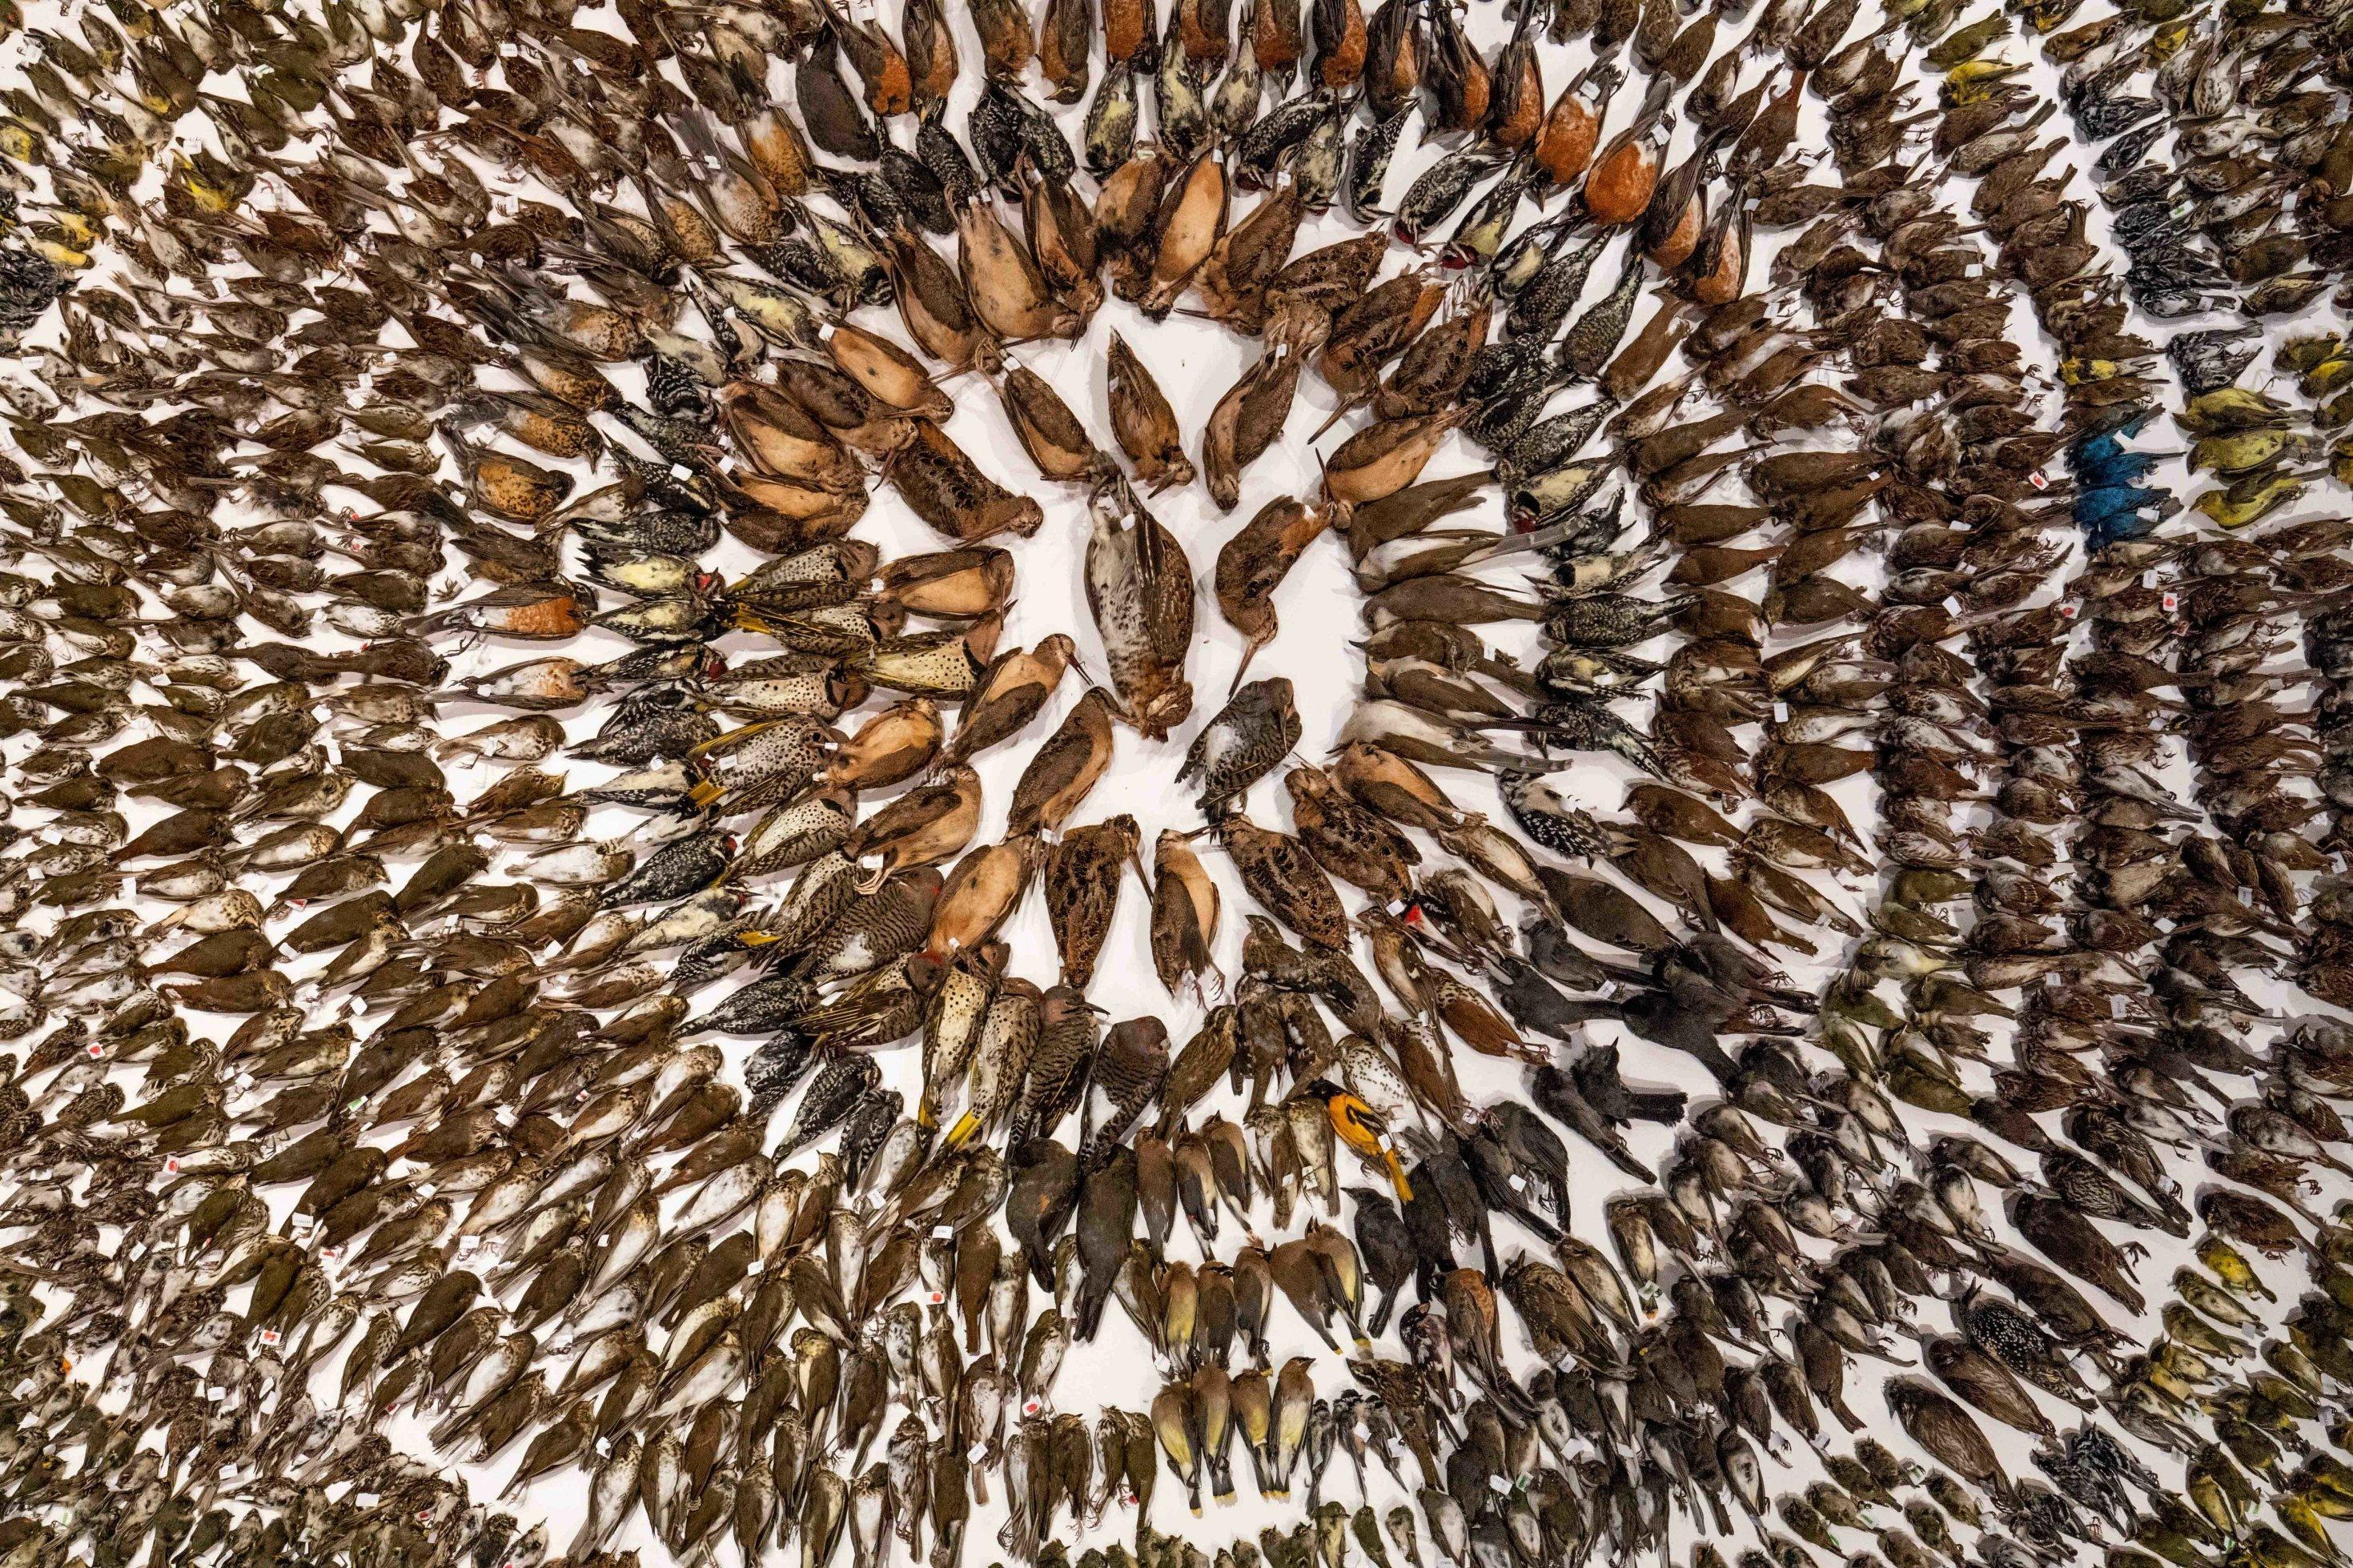 Rund 2000tote Vögel sind in einem kreisförmigen Arrangement auf einer Ausstellungsfläche arrangiert.